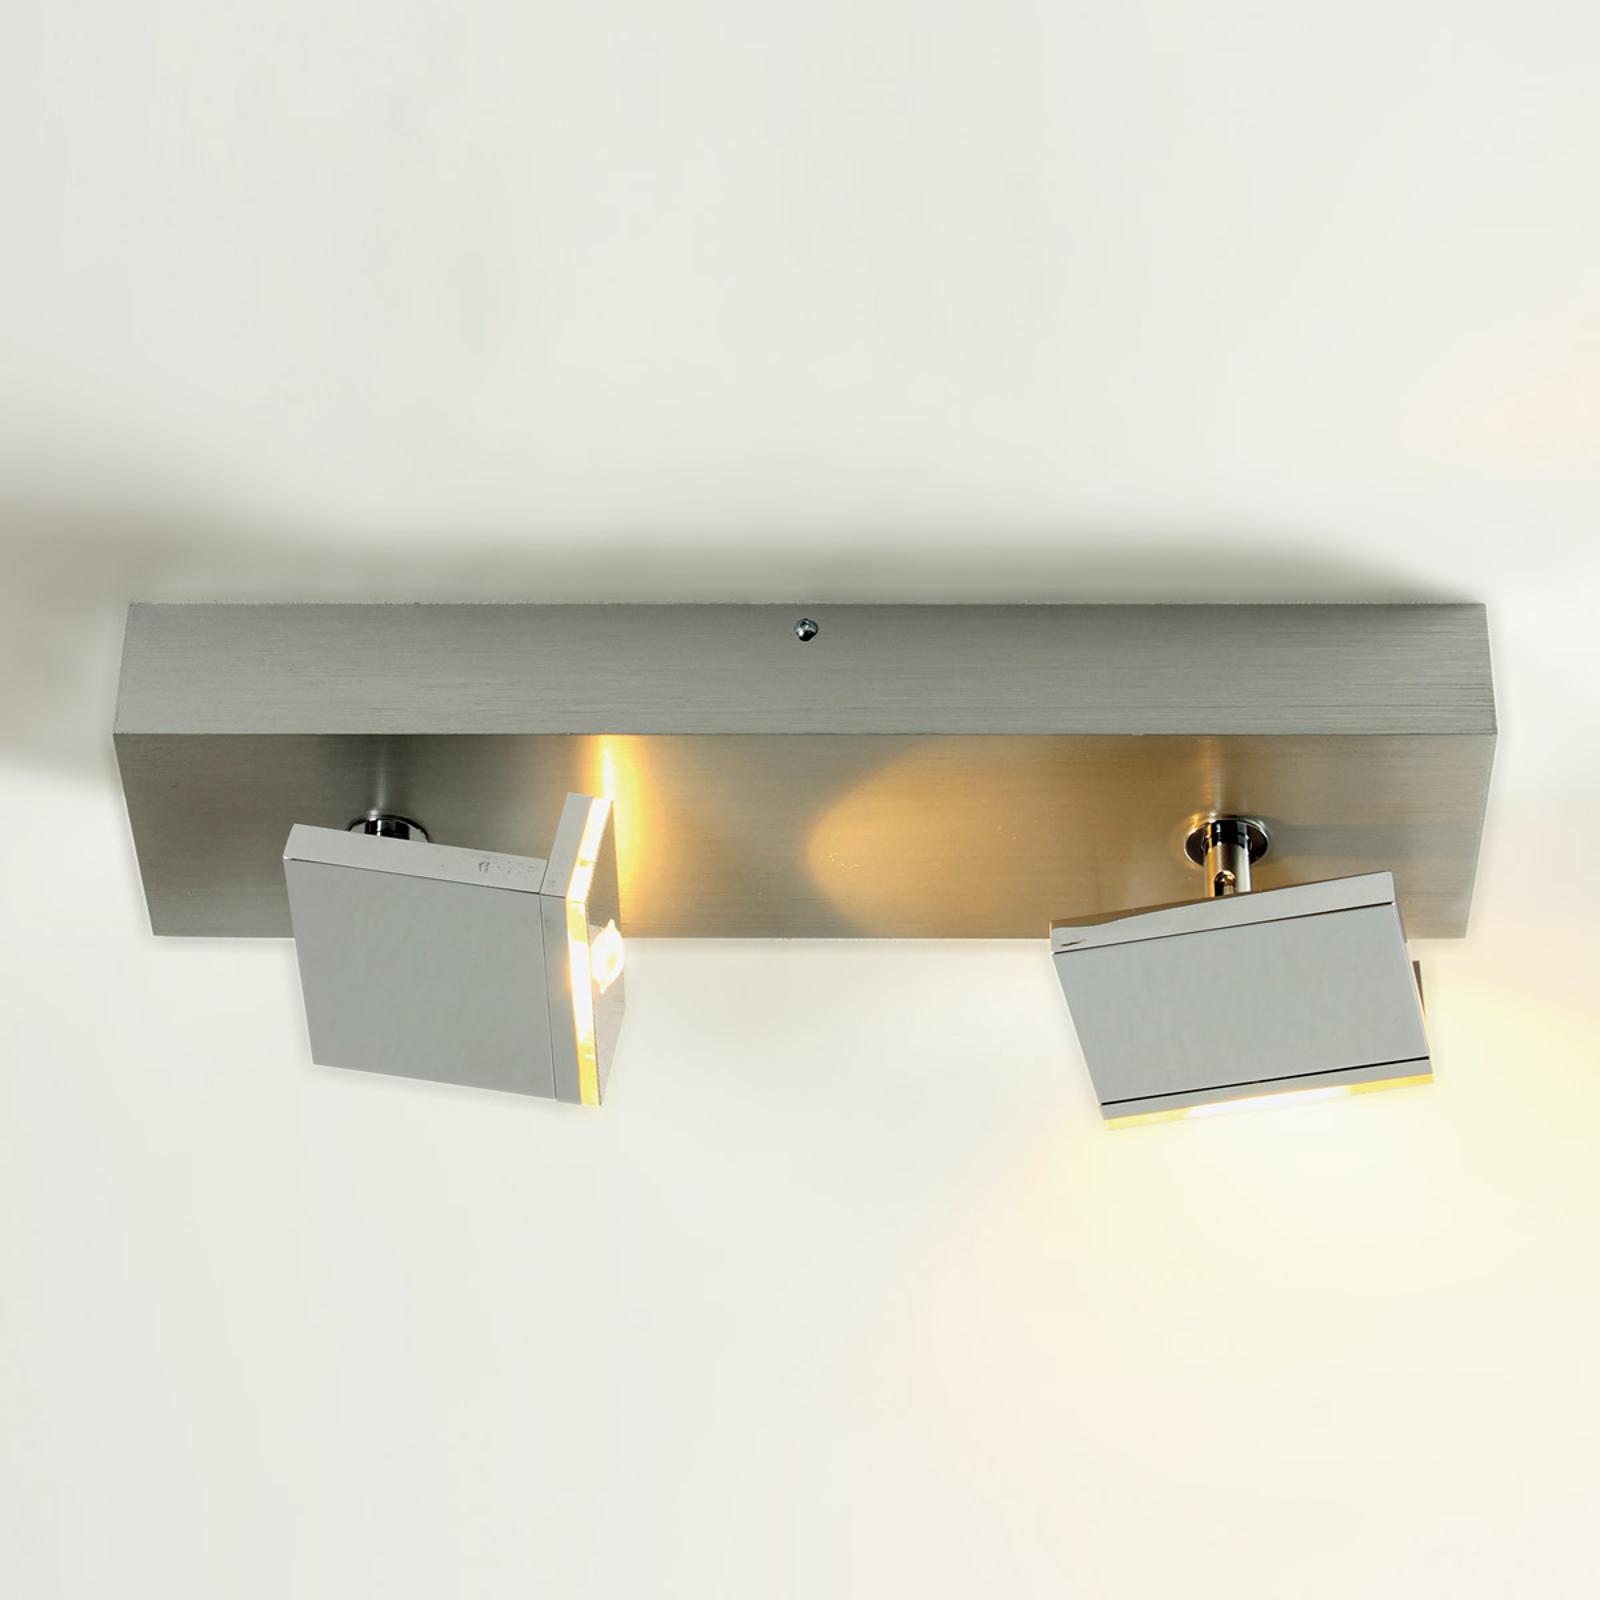 Foco LED Elle moderno y con dos brazos